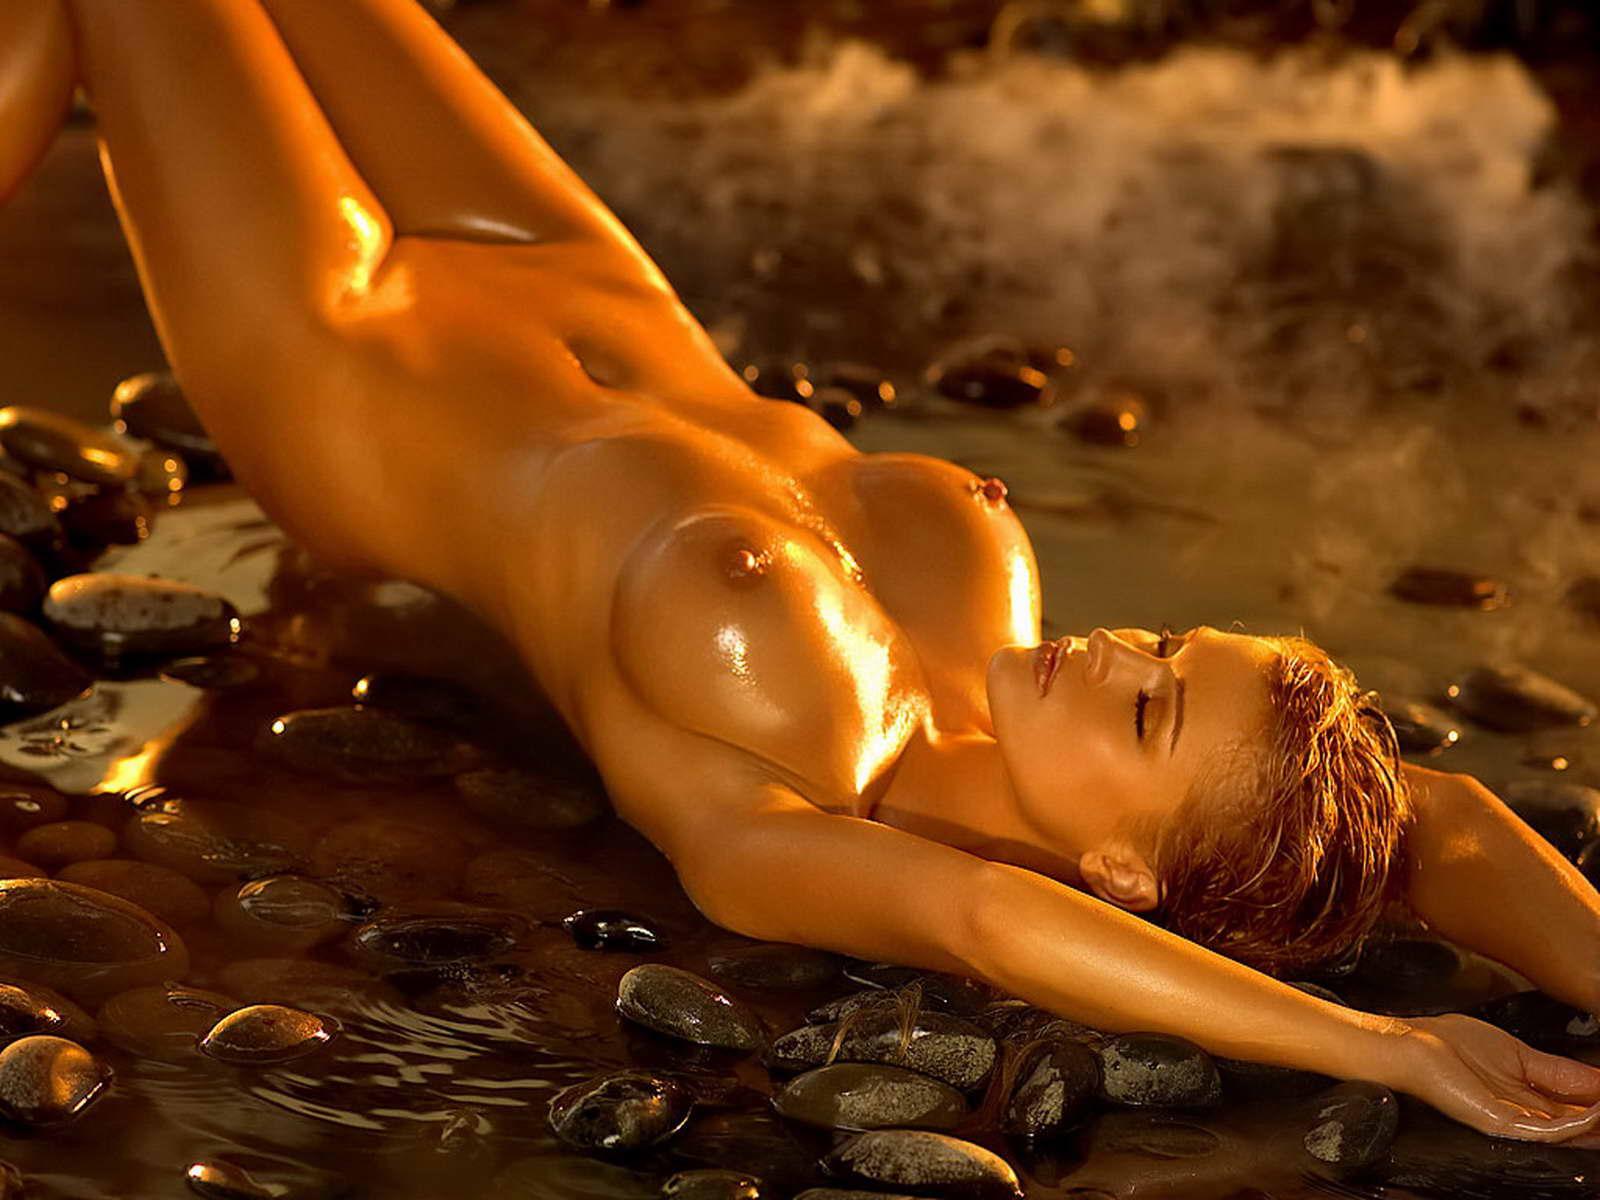 Эротические смеси масел, Эфирные масла Афродизиаки. Список Эротических 2 фотография